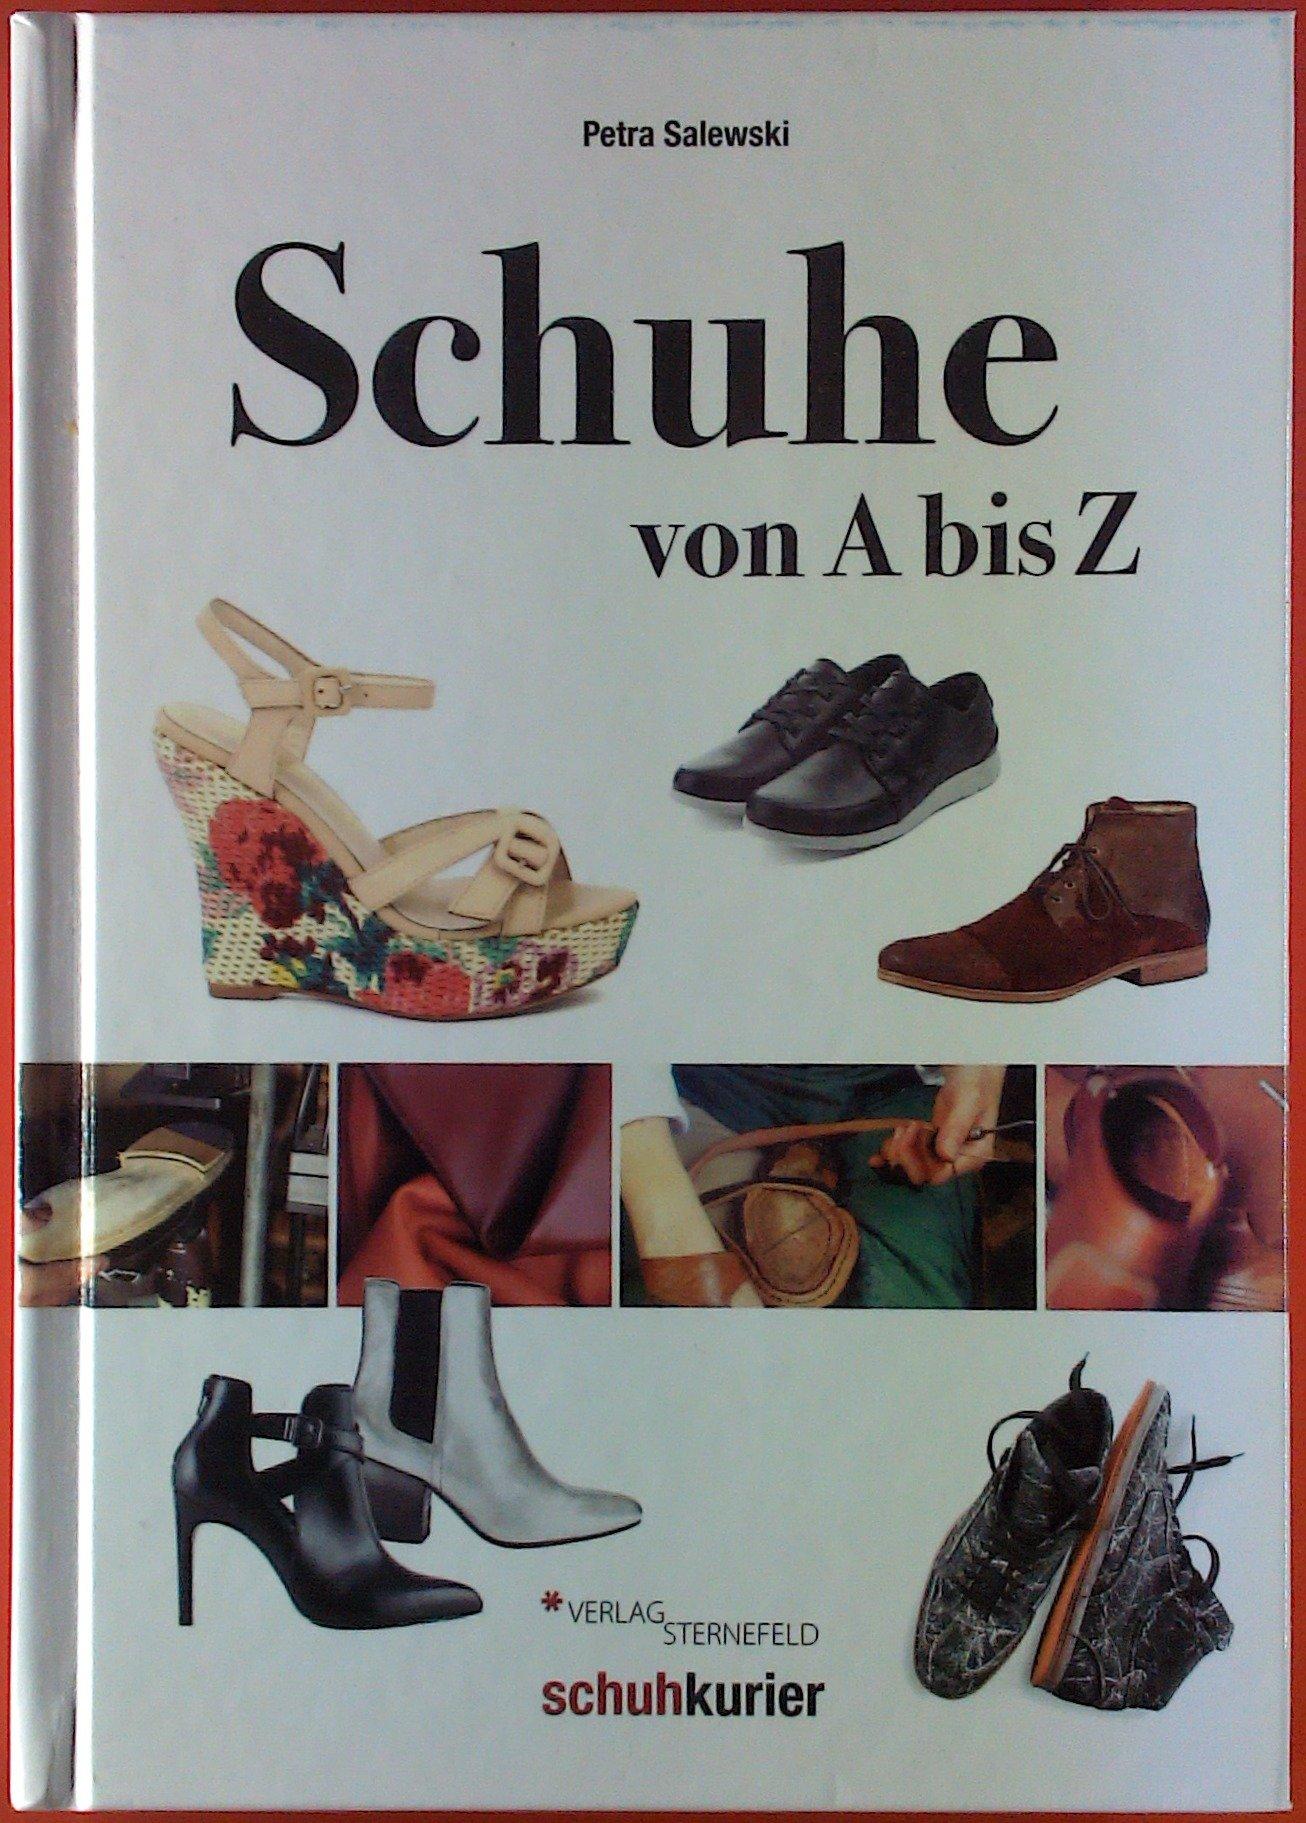 Schuhe von A bis Z. Schuhkurier.: : Petra Salewski